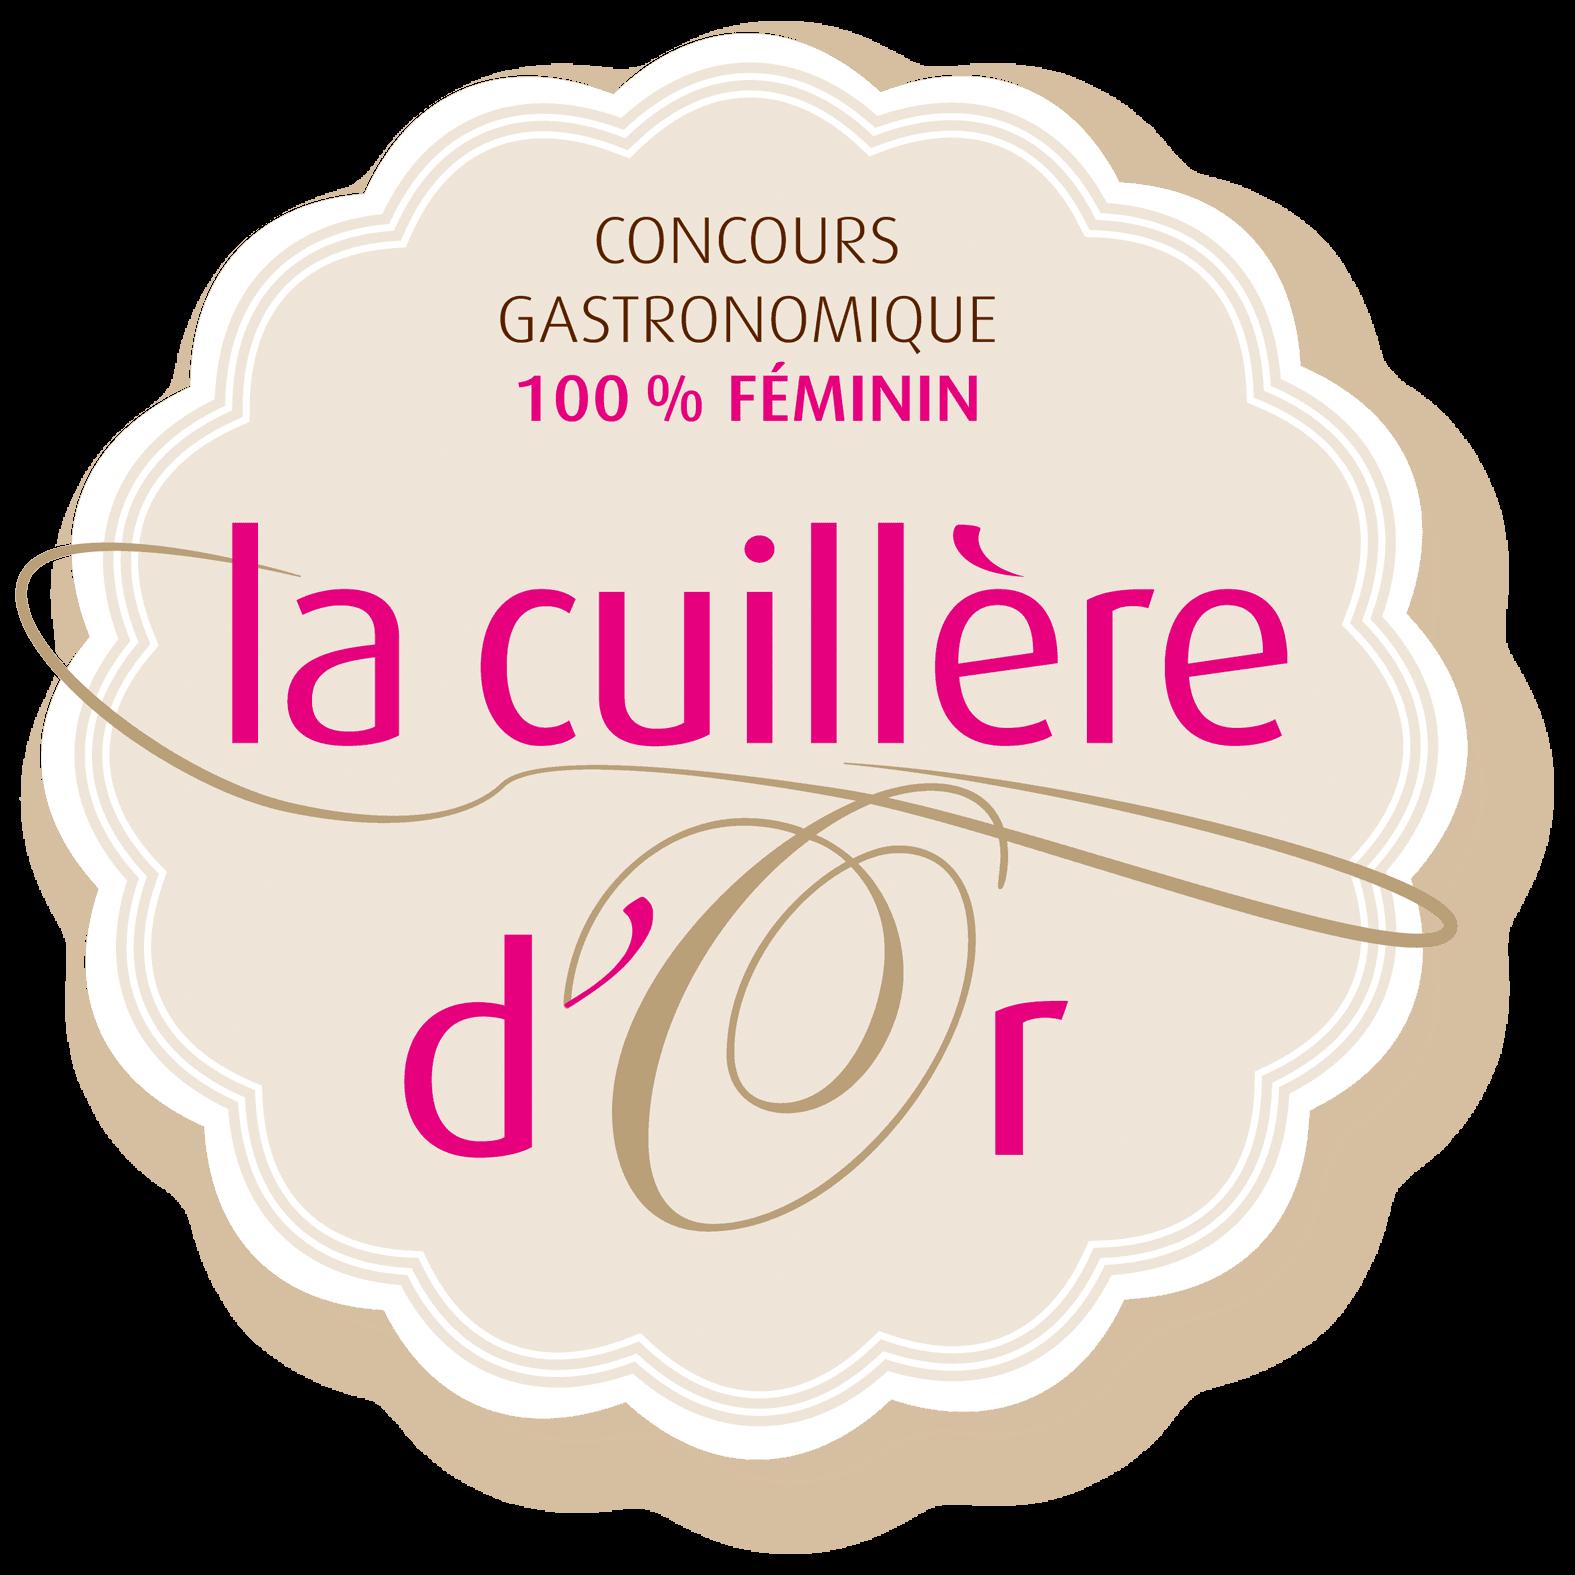 LaCuillereDor_Logo-cartouche_couleur---copie-compressor.png